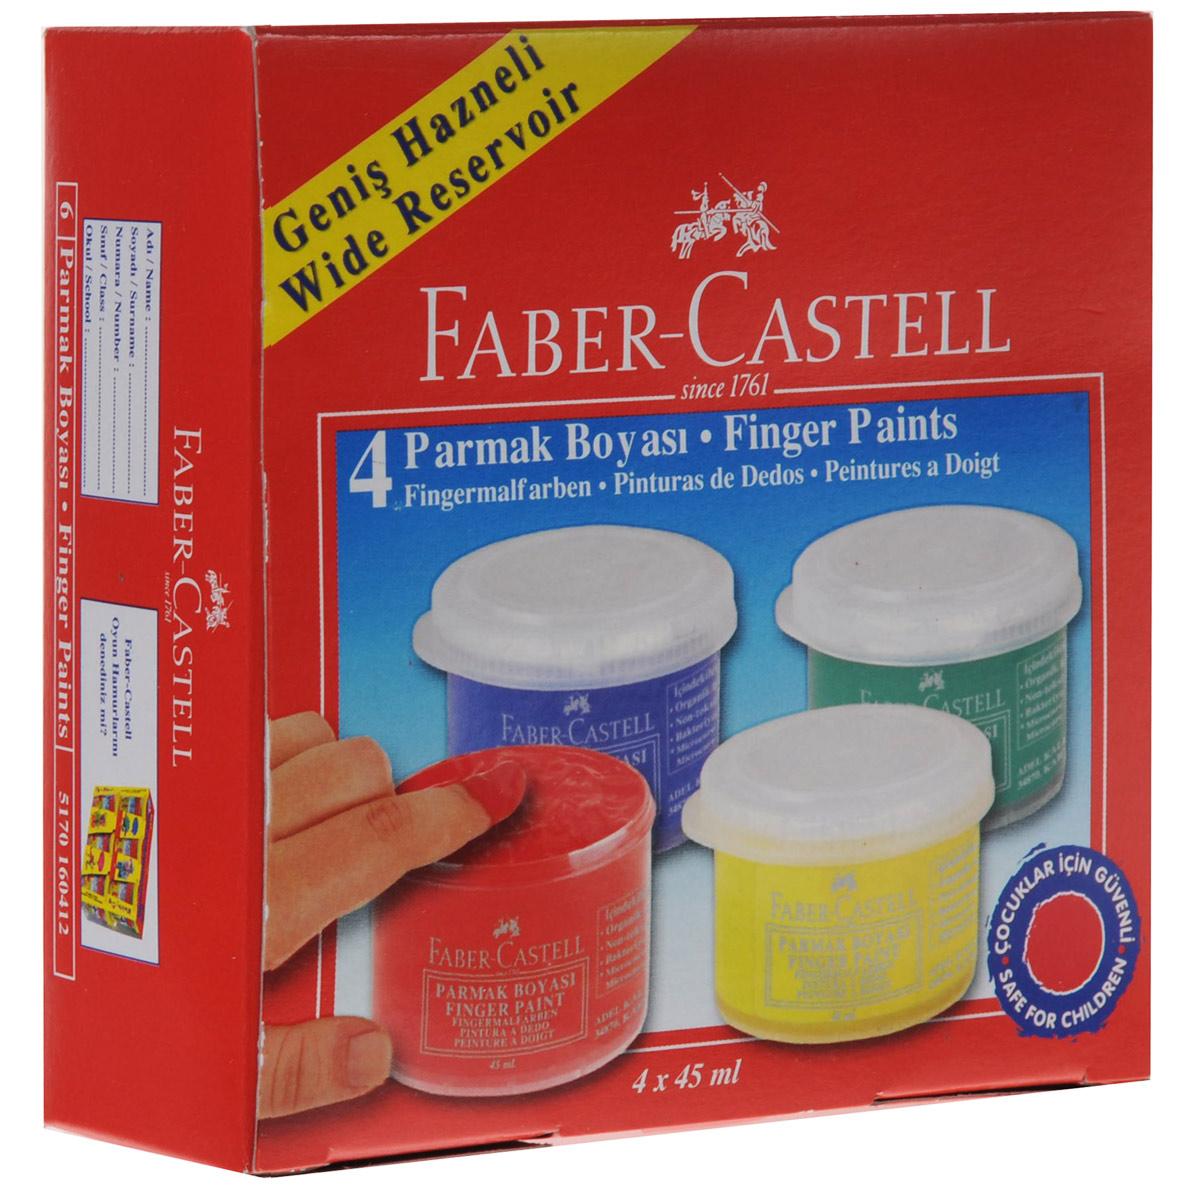 Краски пальчиковые Faber-Castell, 4 цвета160412Пальчиковые краски Faber-Castell порадуют маленького художника и помогут ему раскрыть свой талант. Ими можно рисовать не только на бумаге, но на картоне и стекле без каких-либо дополнительных приспособлений. В наборе краски в баночках по 45 мл 4 цветов: синего, зеленого, красного и желтого. Краска каждого цвета хранится в широкой пластиковой баночке с плотно закрывающейся крышкой. Краски имеют яркие цвета, безопасны для малыша, а широкое горлышко баночек позволяет легко набирать их пальцами. Рисование пальцами обостряет детские ощущения и положительно влияет на настроение детей. Кроме того, развивает мелкую моторику, дает наиболее сильное восприятие цвета. > Химический состав: водная основа, пищевые красители.